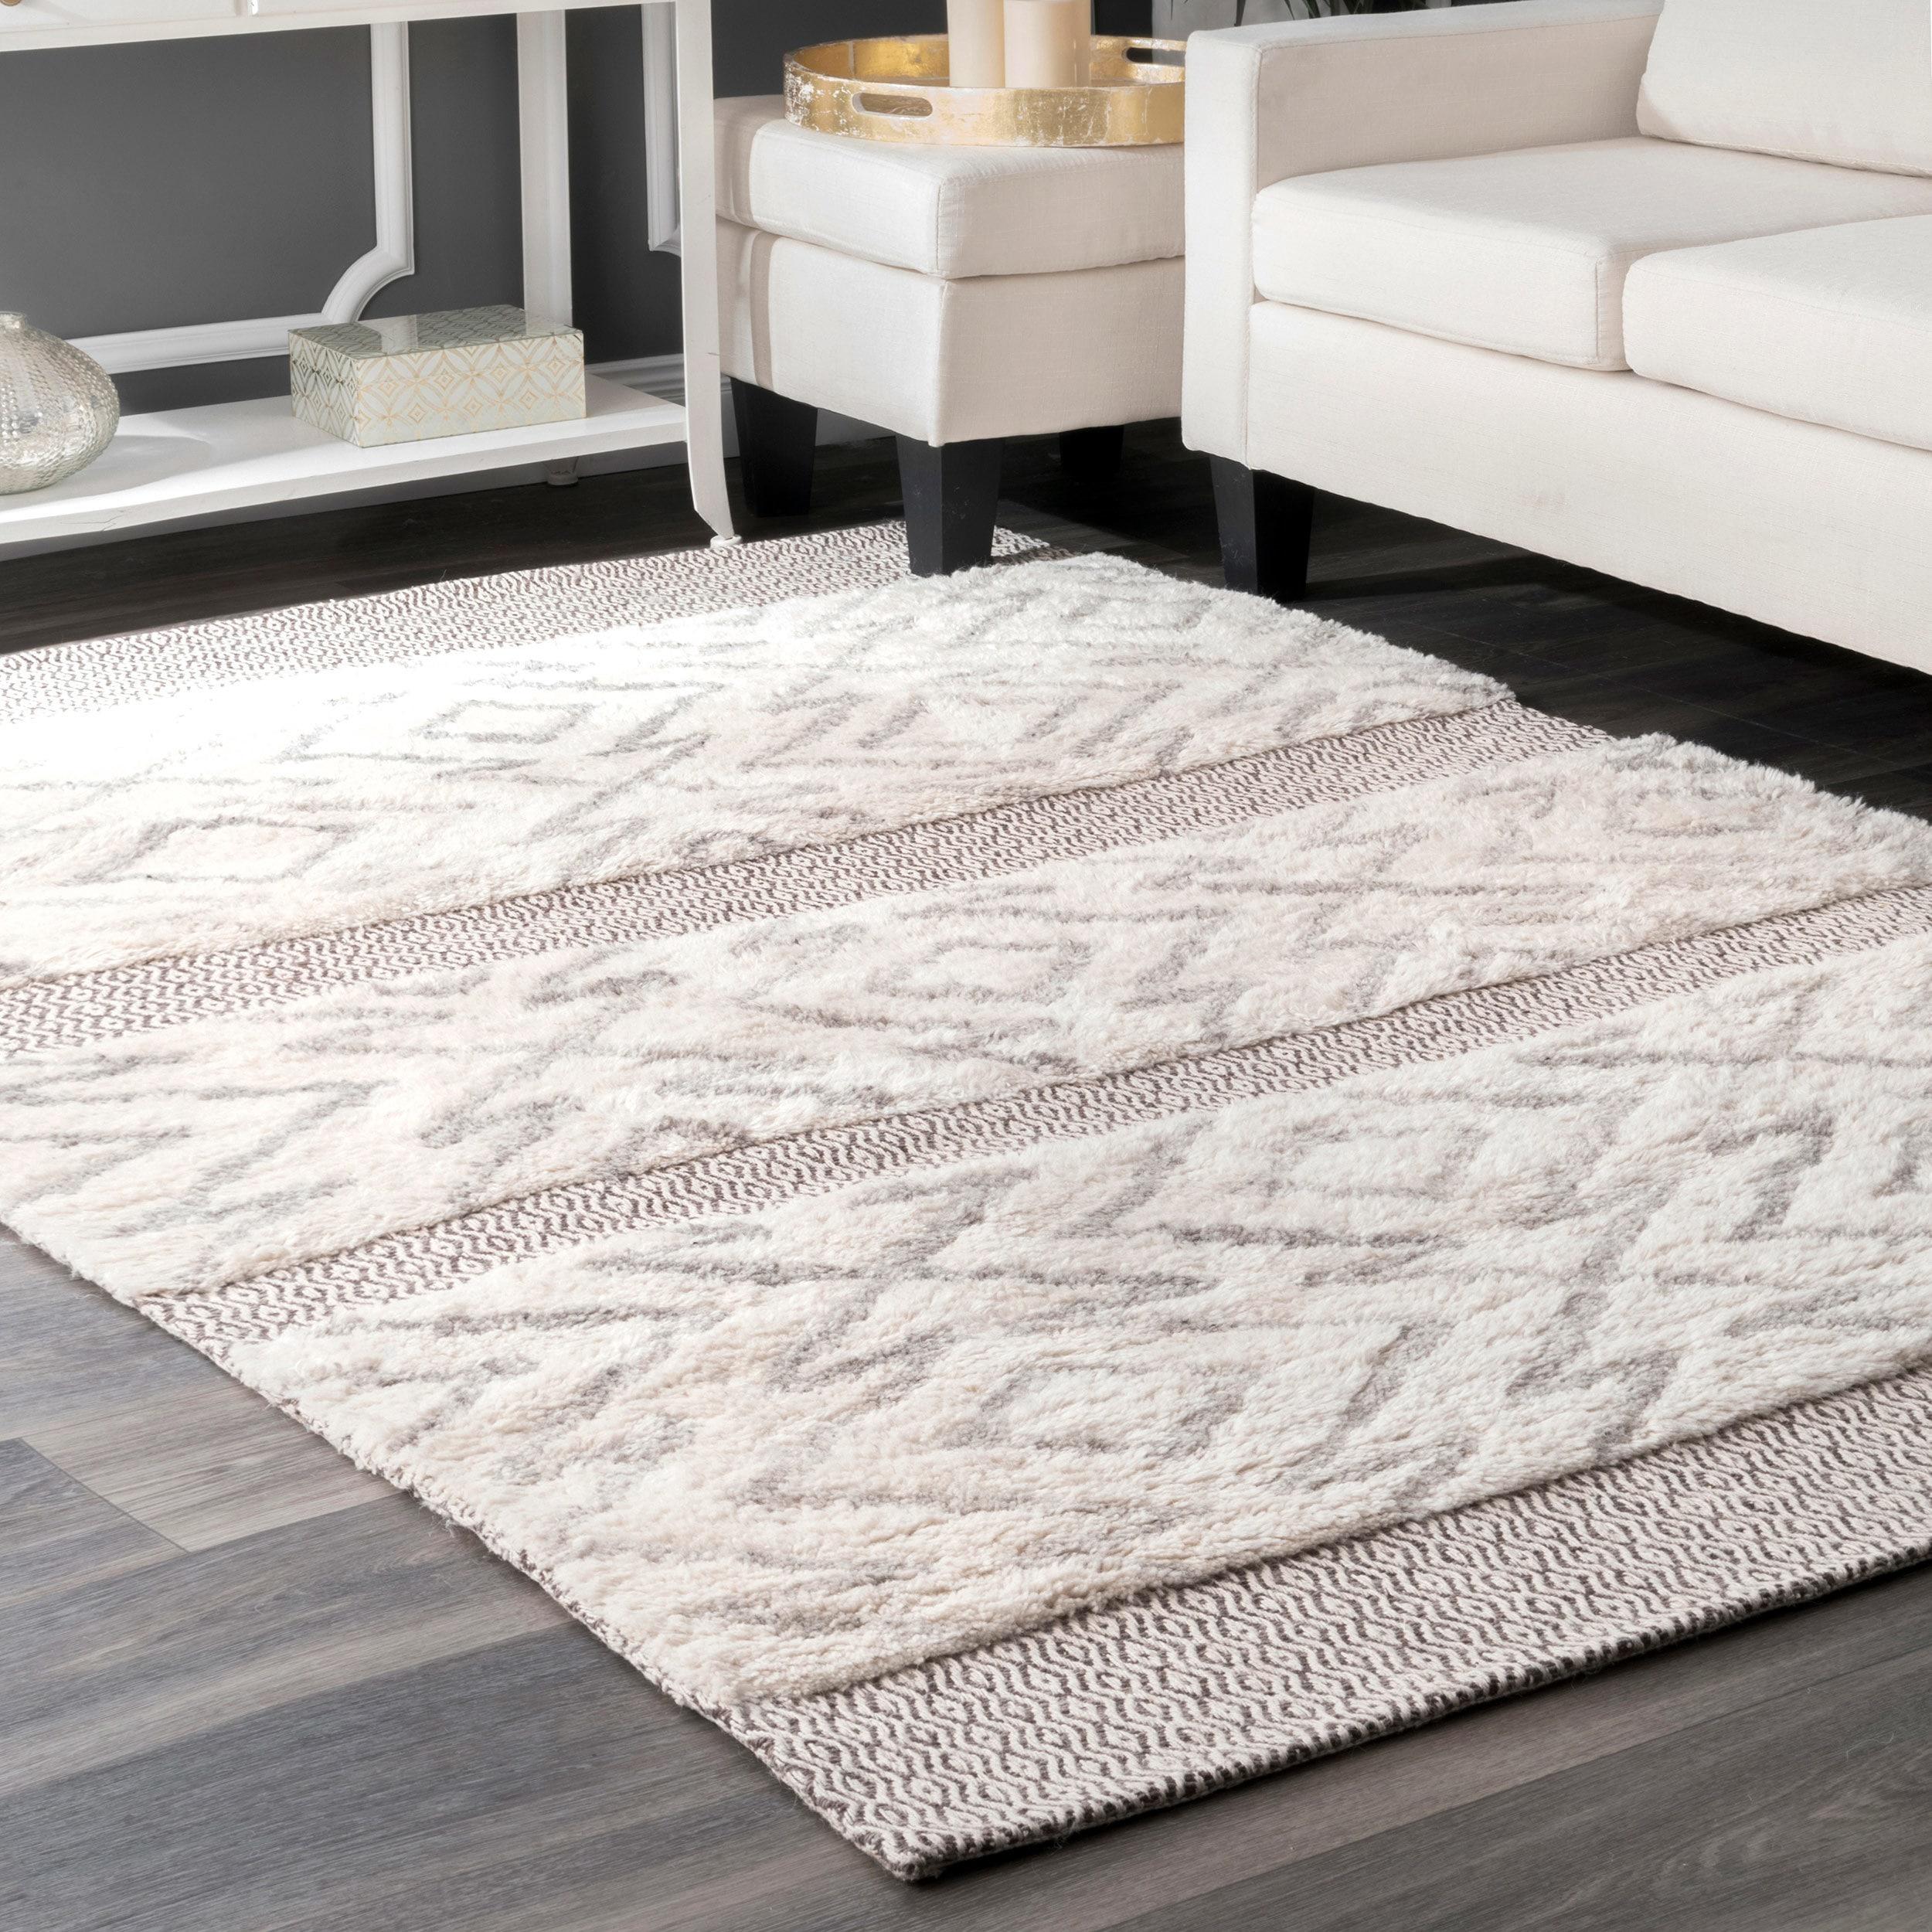 Nuloom Grey Wool Cotton Handmade Abstract Area Rug 5 X 8